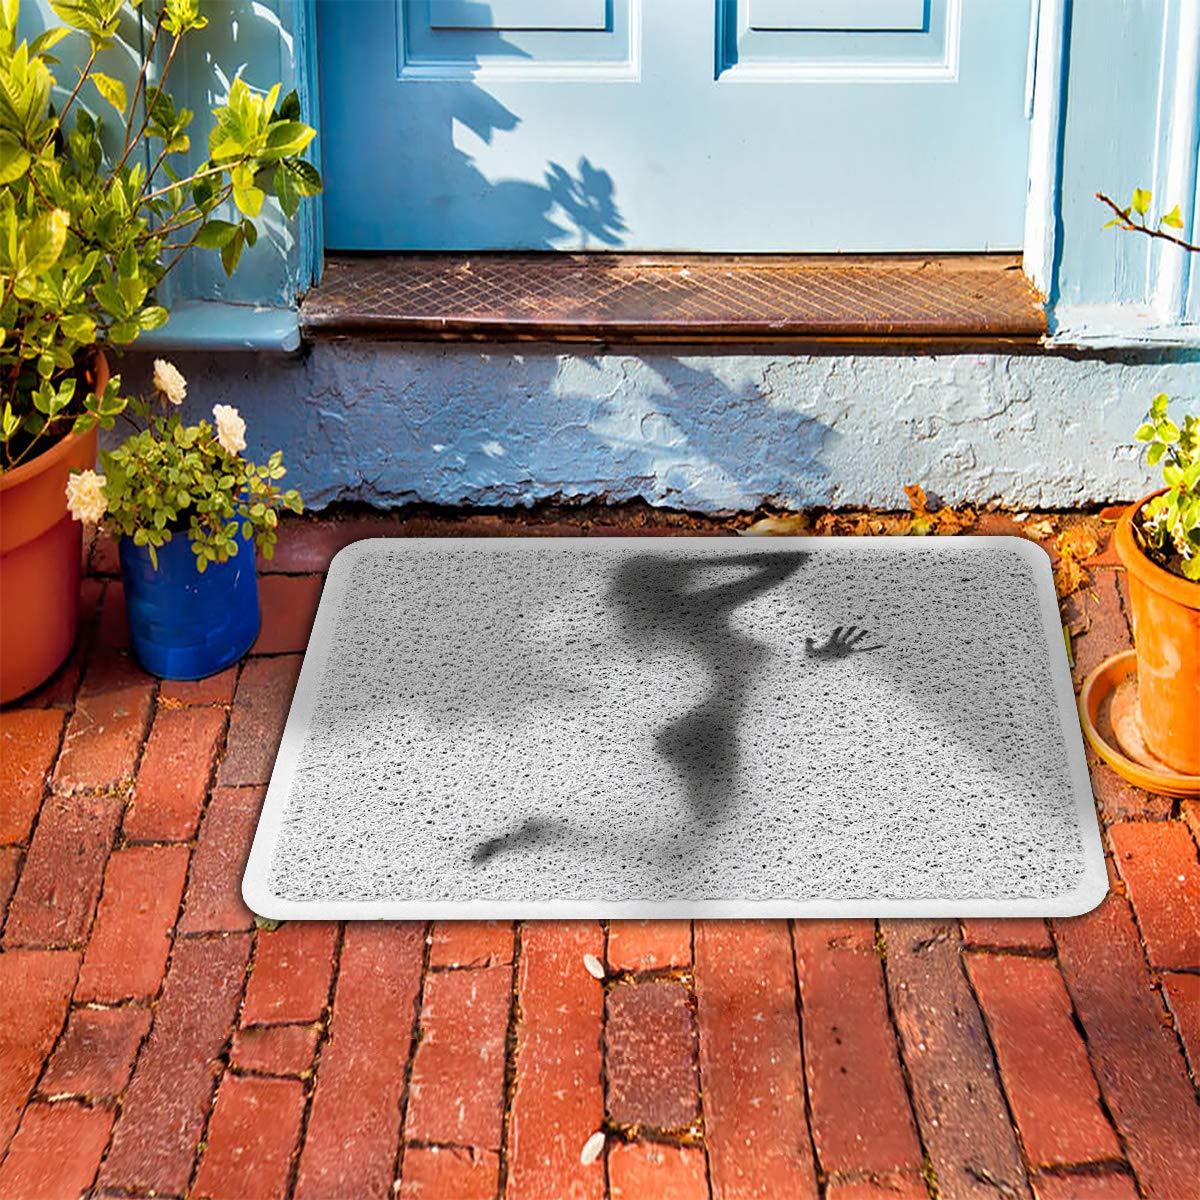 Amazon.com: Felpudo de PVC para interior y exterior, diseño ...